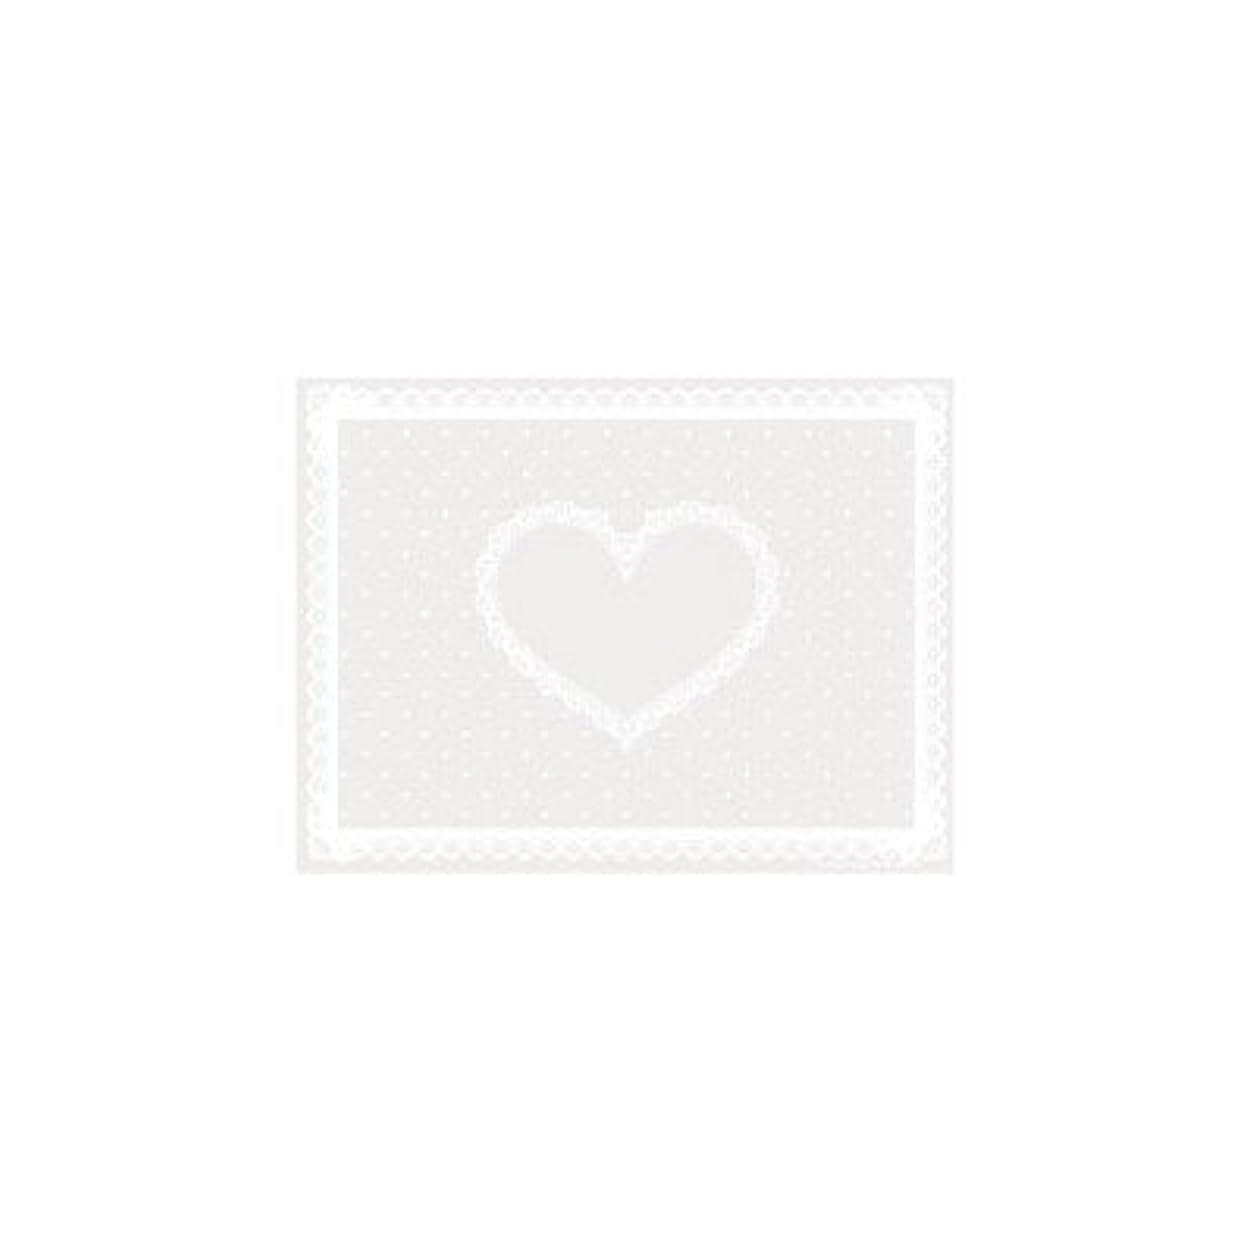 ポルトガル語合併症ルーキーシリコン ネイルマット ホワイト ミニサイズ